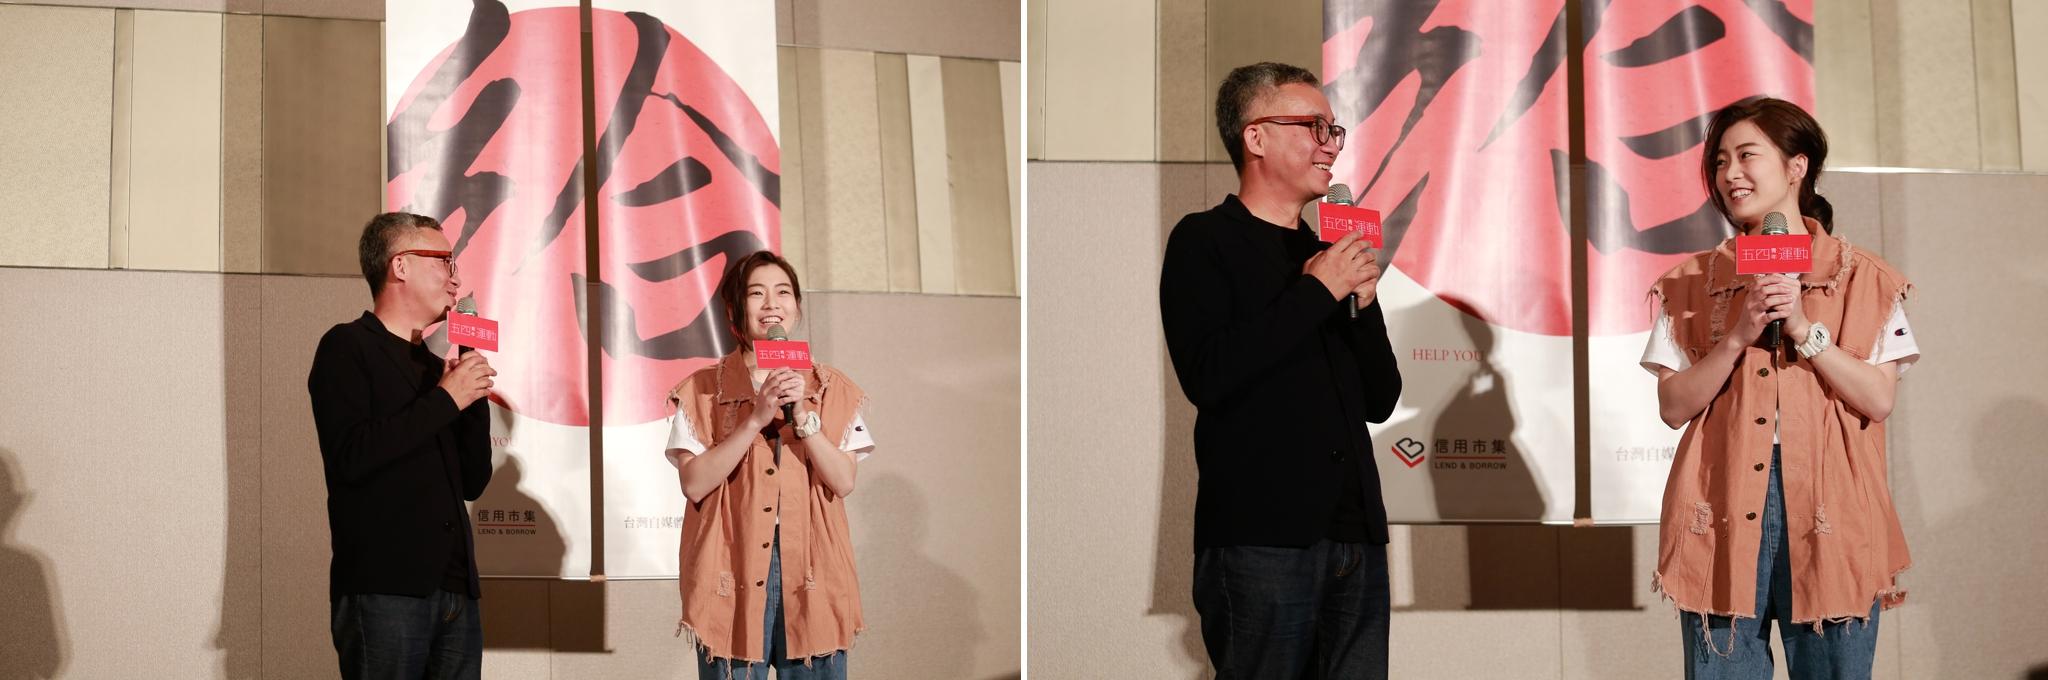 五四青年運動-event-記者會-寒舍艾美酒店-lemeridien-taipei-42.jpg